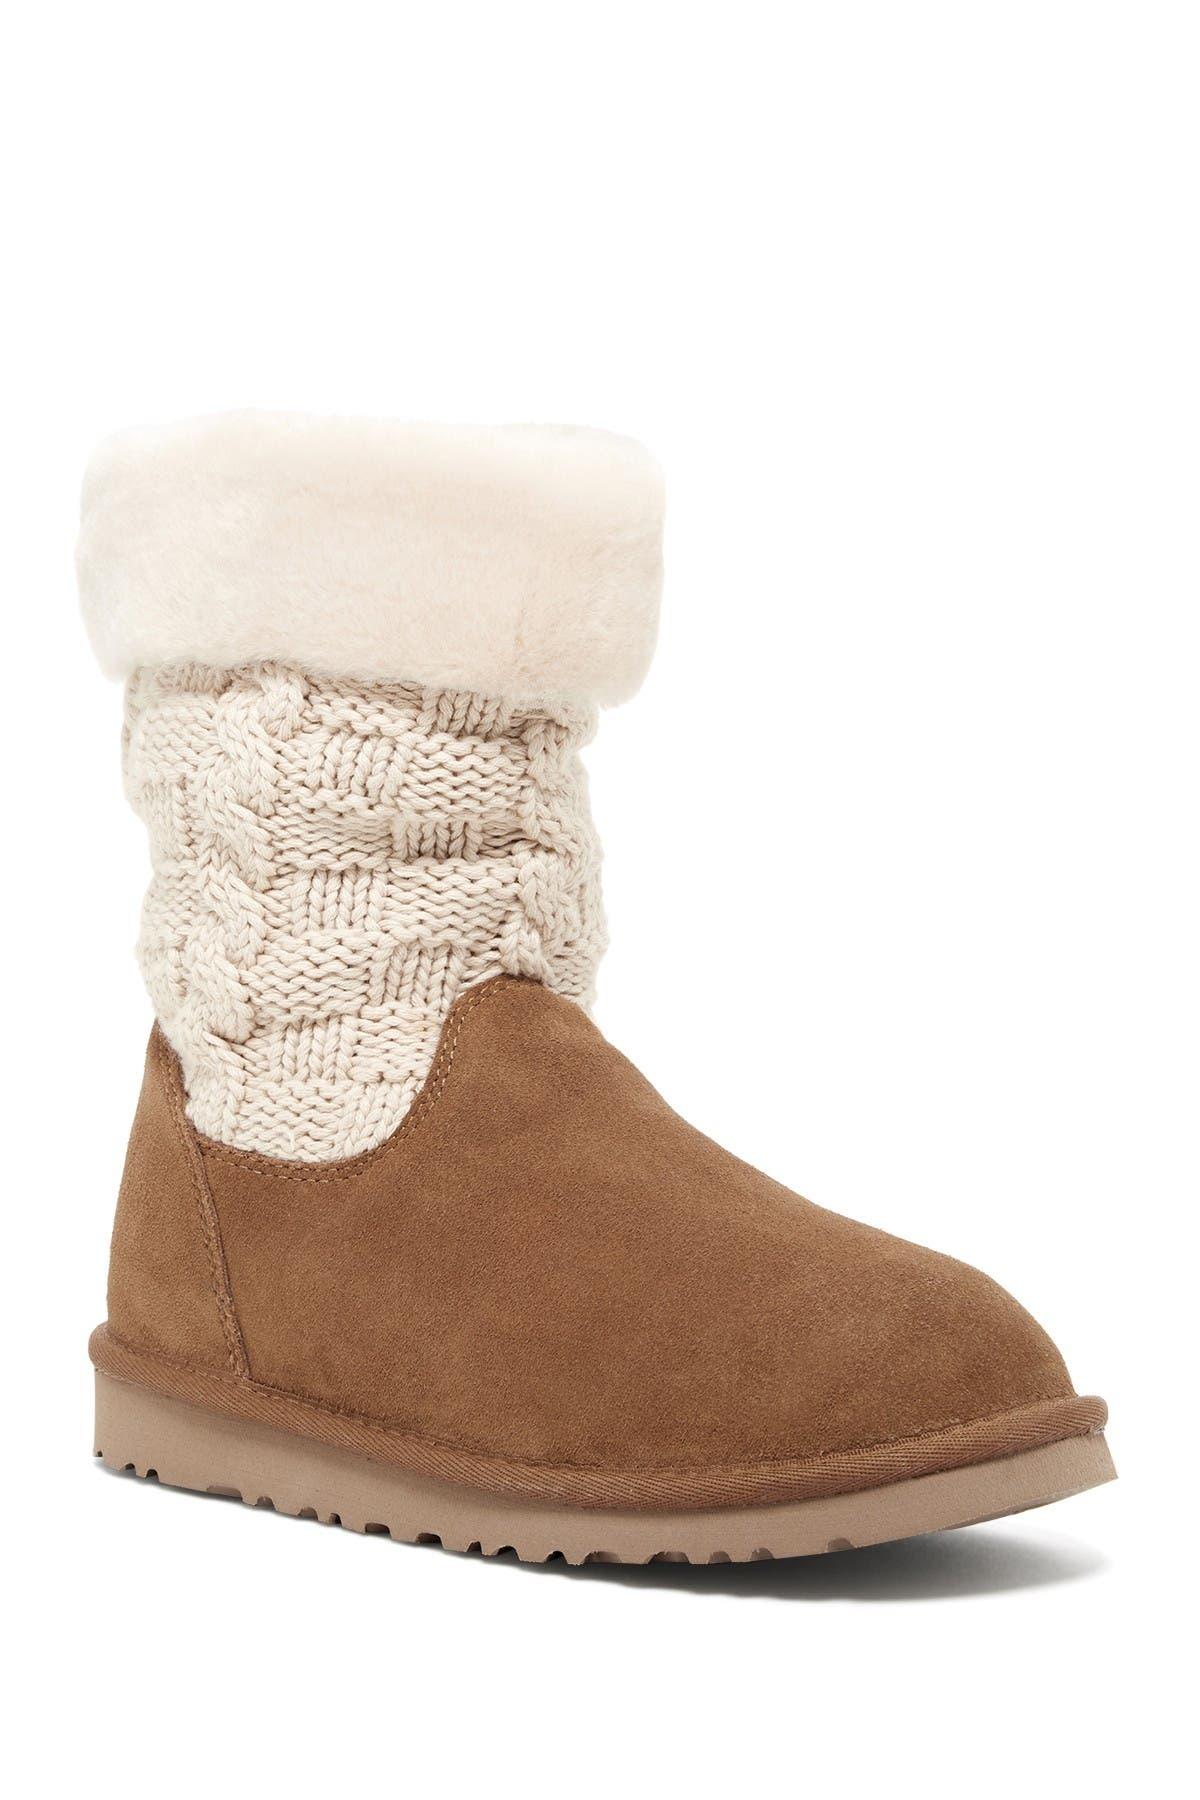 UGG | Juniper Cuffed Sweater Boot